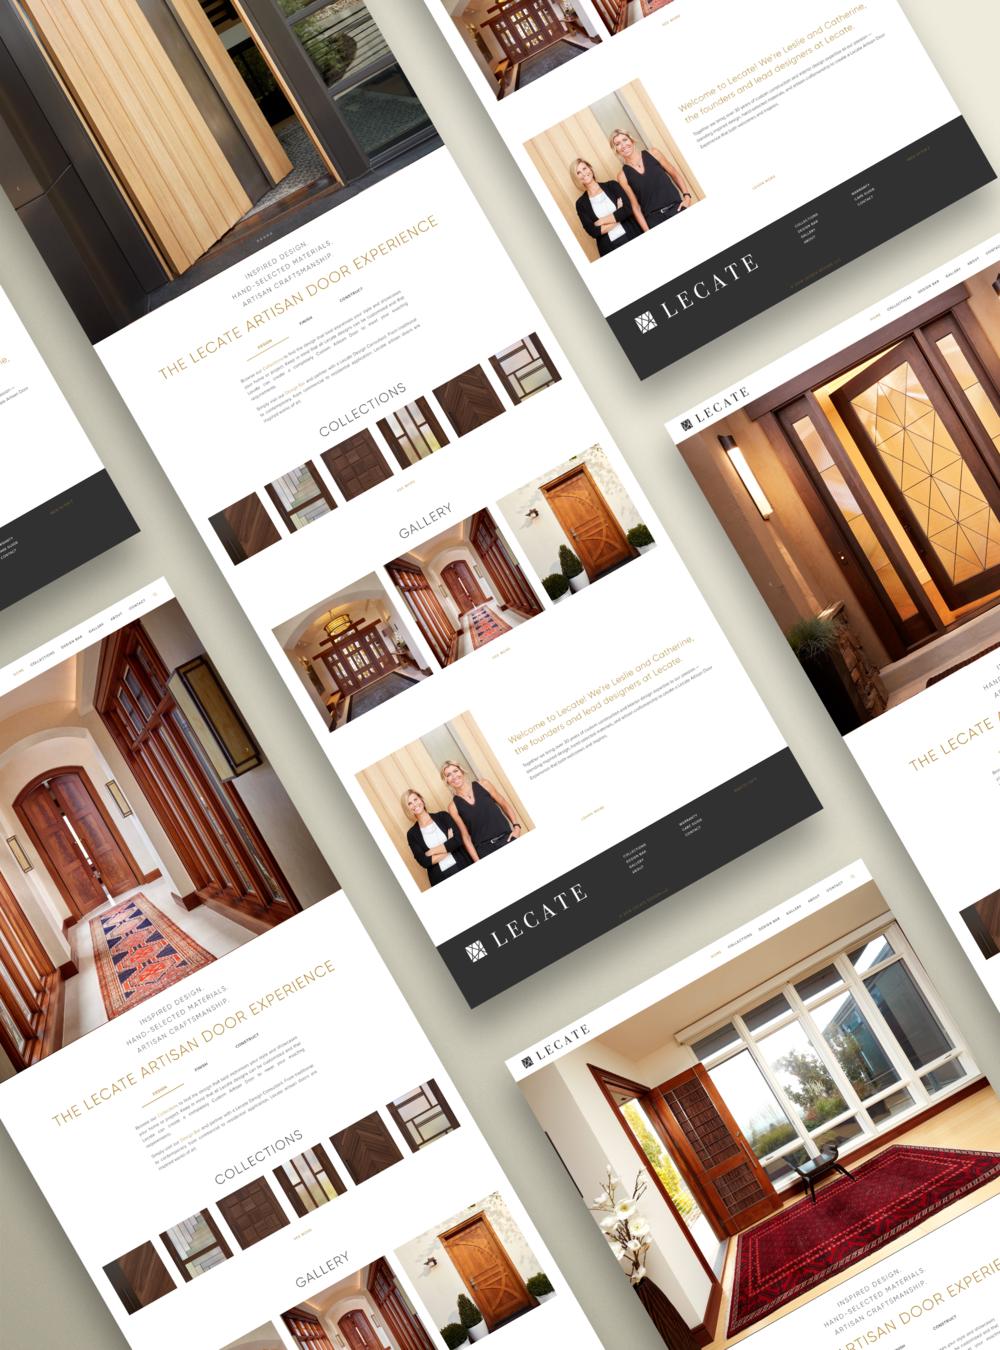 Lecate Website Design.png